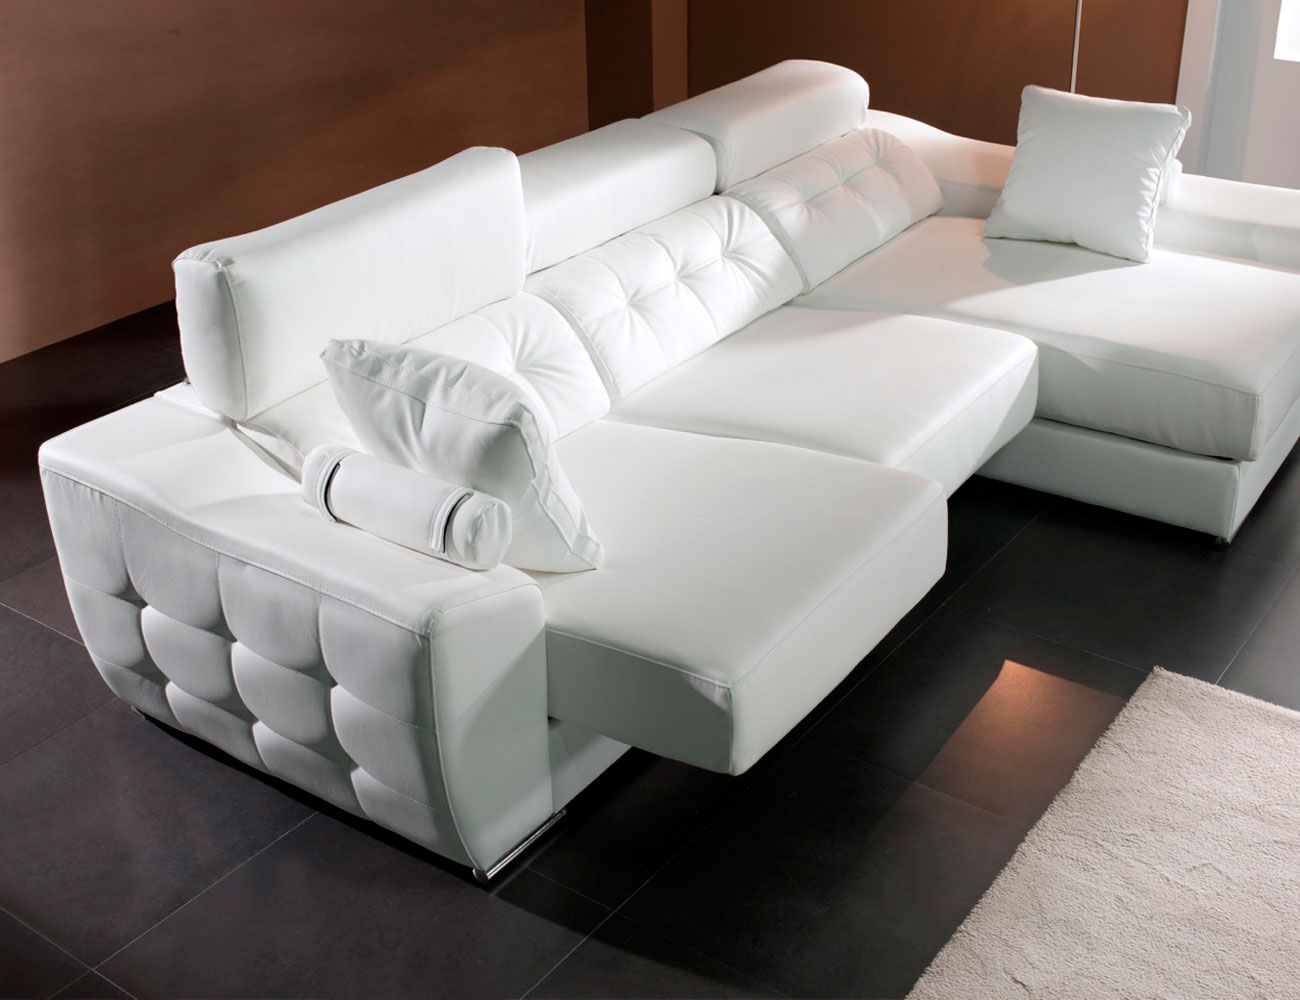 Sofa chaiselongue con capitone polipiel blanco